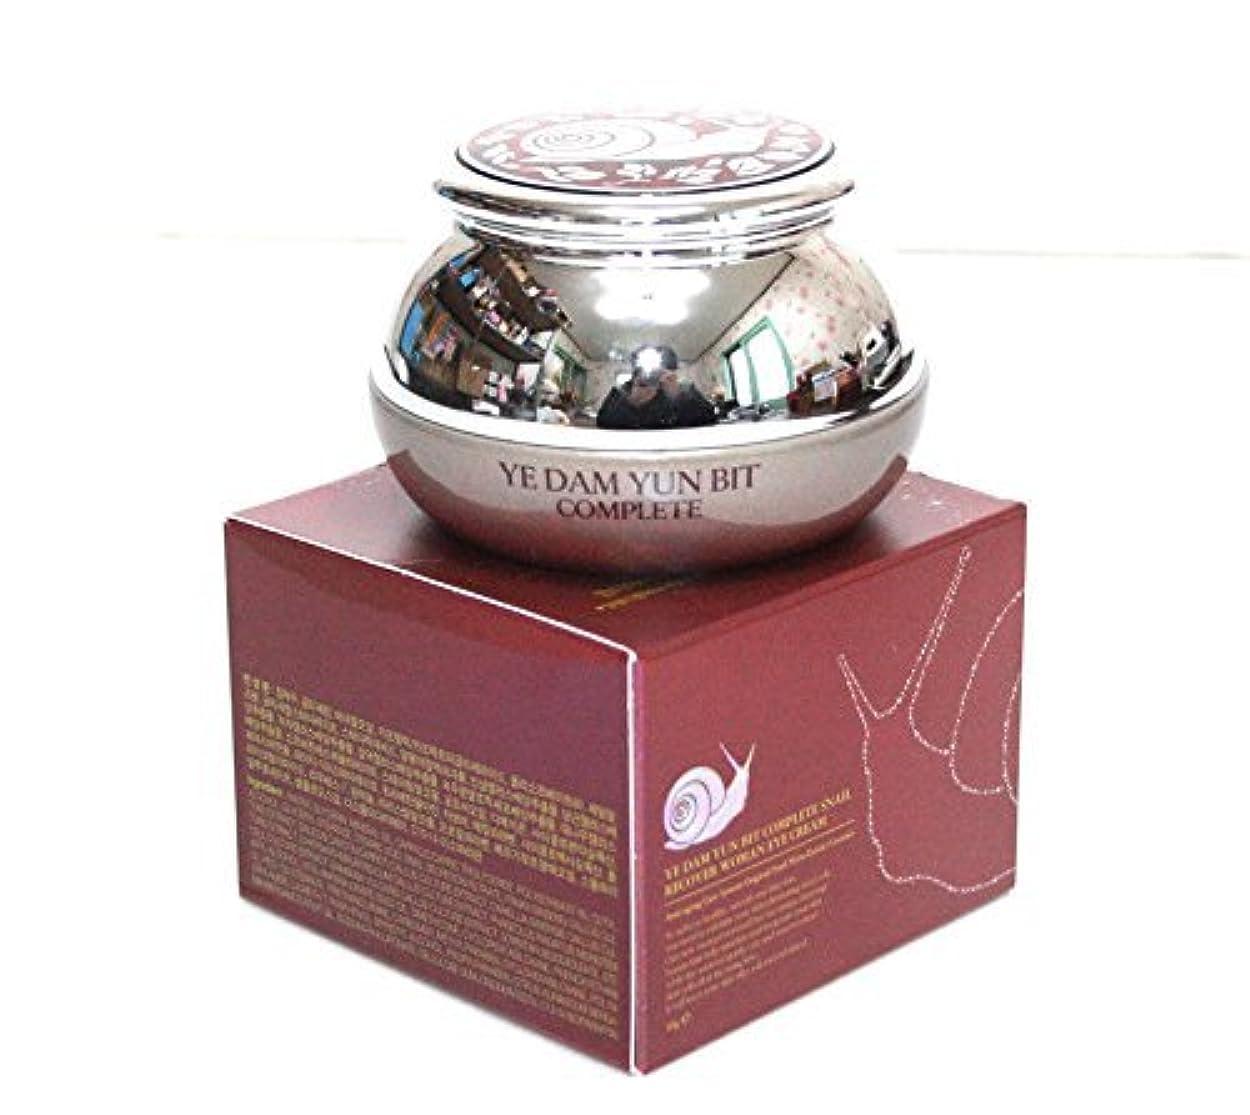 フィードオン衣服ミニ[YEDAM YUN BIT] スキンが完成カタツムリ回復女性のアイクリーム50ml/韓国の化粧品/COMPLETE Skin Snail Recover Woman Eye Cream 50ml/Korean cosmetics...